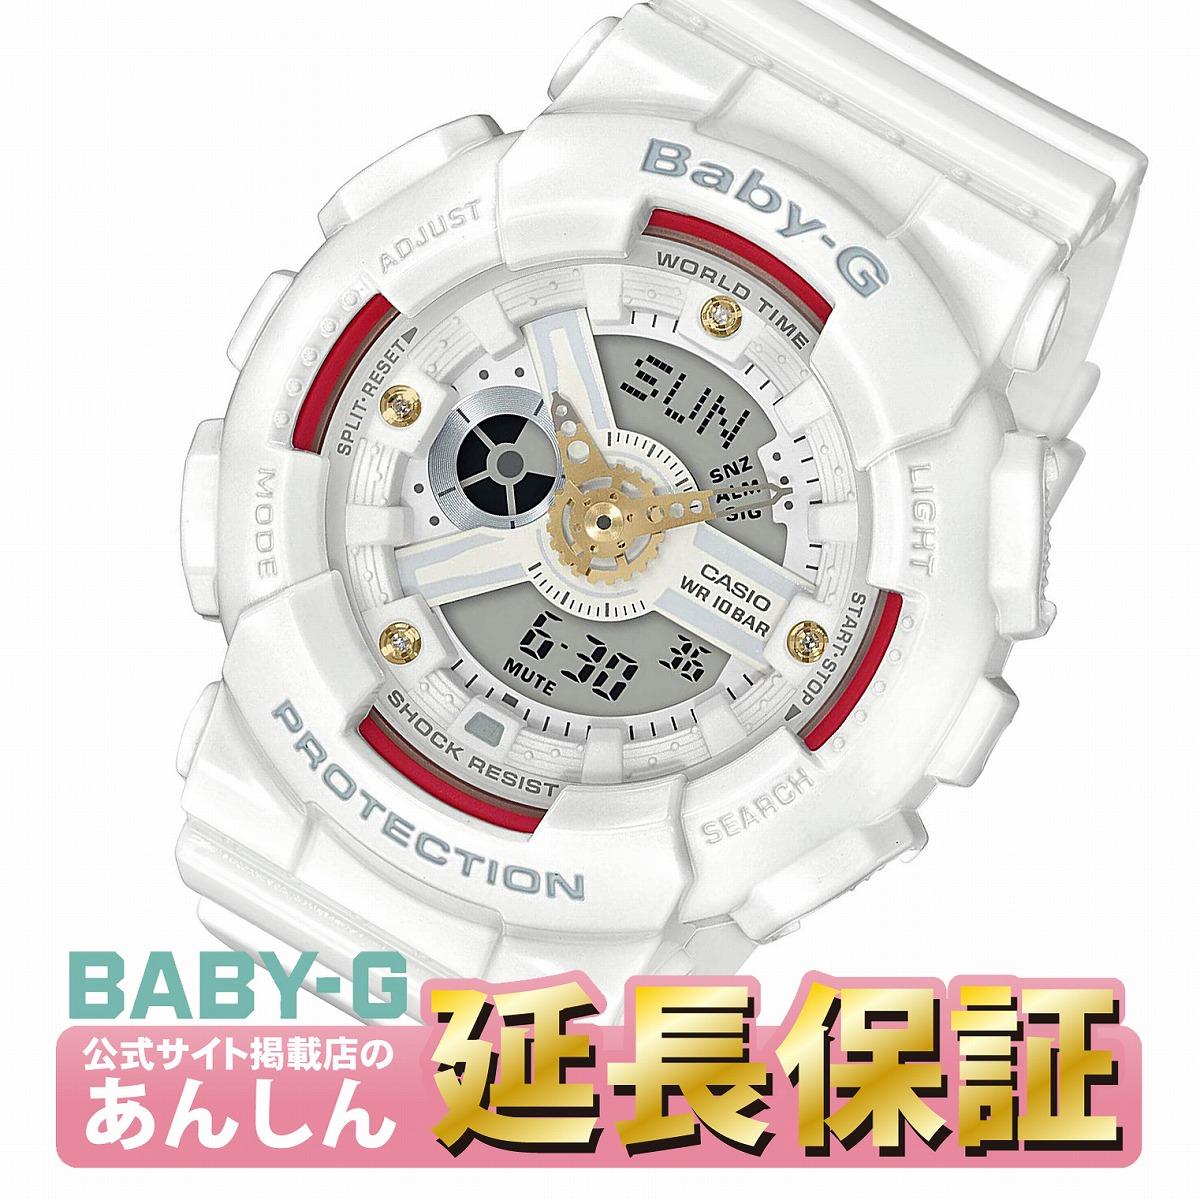 カシオ ベビーG BA-110DDR-7AJF ダイヤモンド レディース 腕時計 デジアナ CASIO BABY-G【店頭受取対応商品】